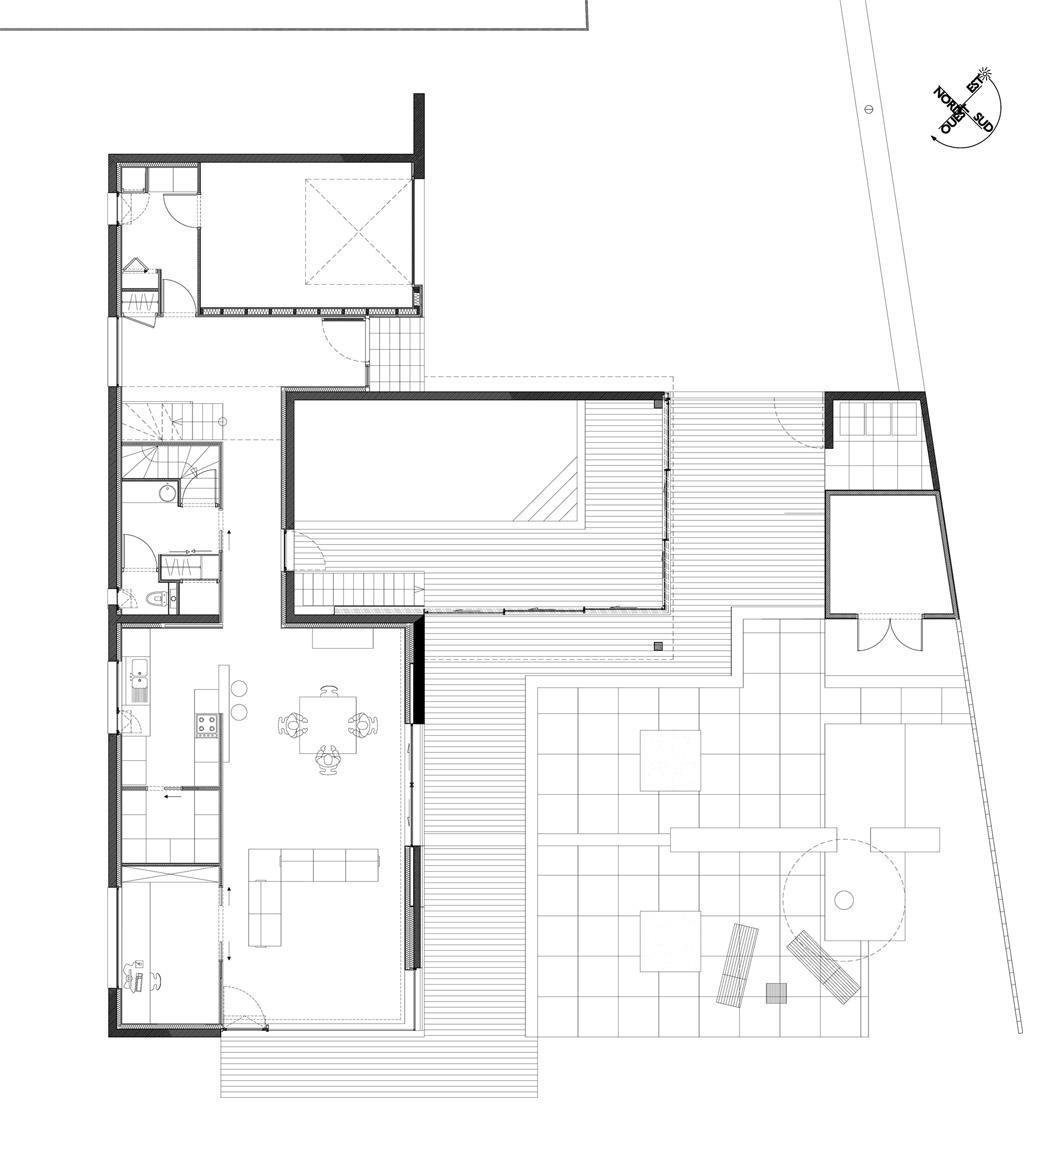 Maison contemporaine à wasquehal apla architectes plan du rez de chaussée